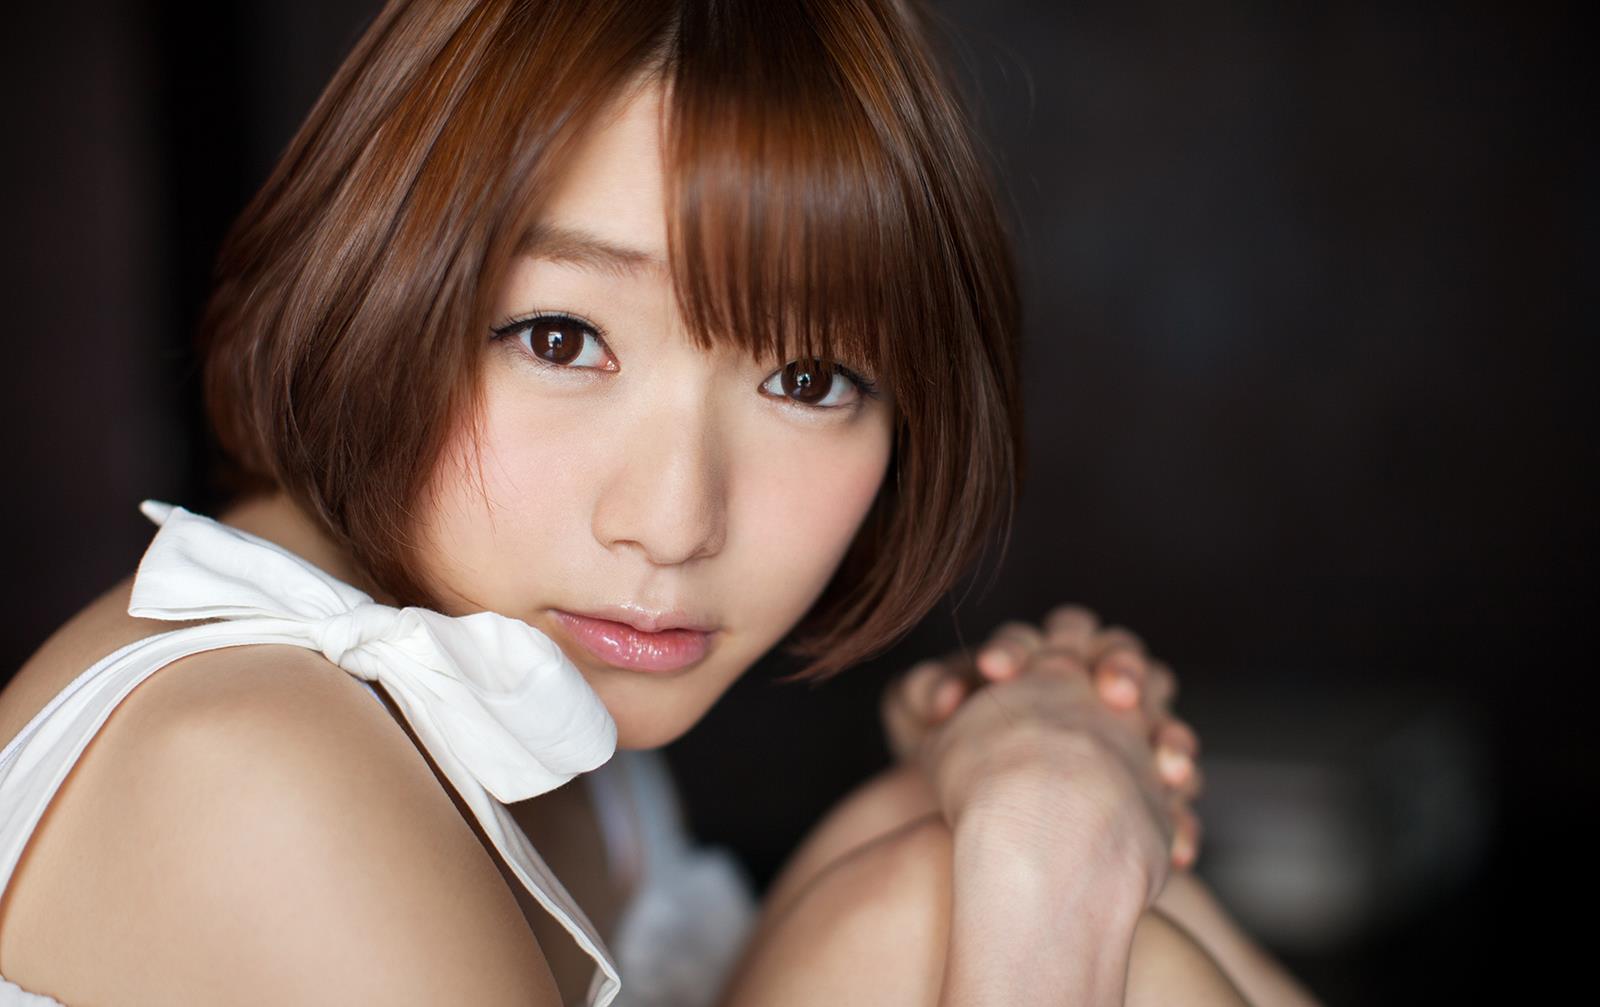 涼川絢音 Eカップ 手足の長い色白ロリ顔で美少女な着エロアイドルAV女優画像 107枚 No.69